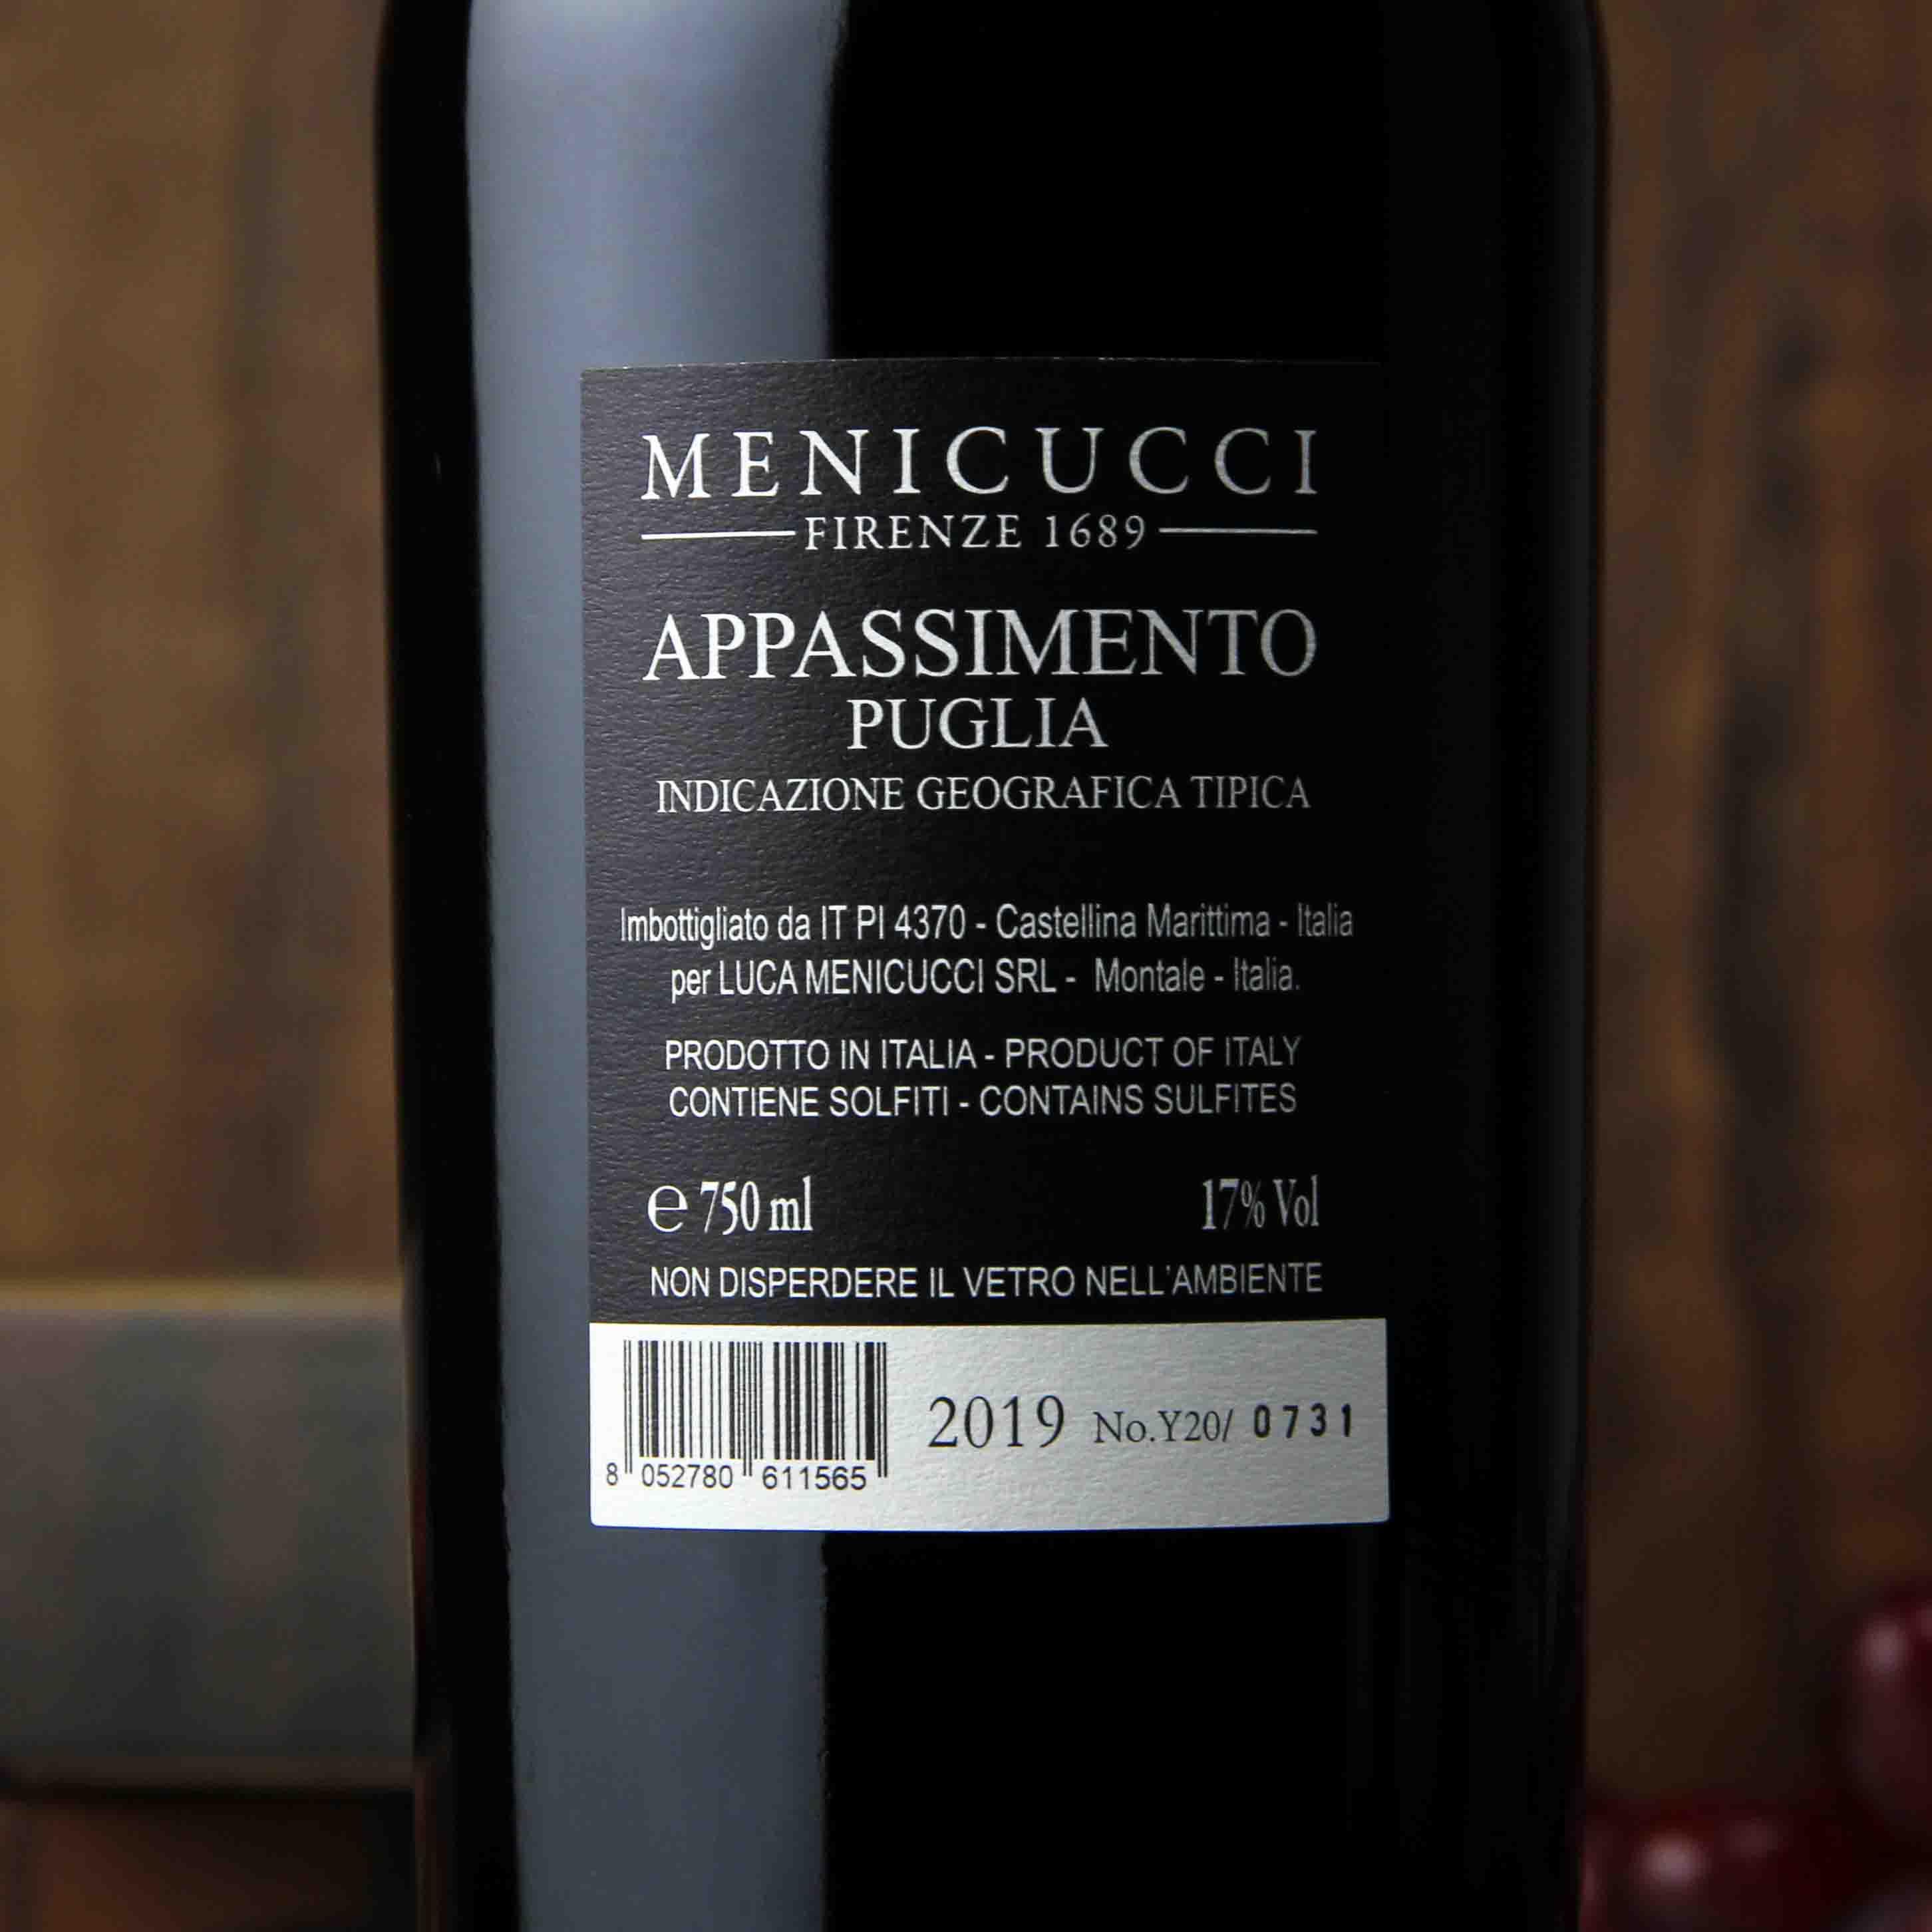 意大利普利亚男爵古奇风干葡萄酒红酒